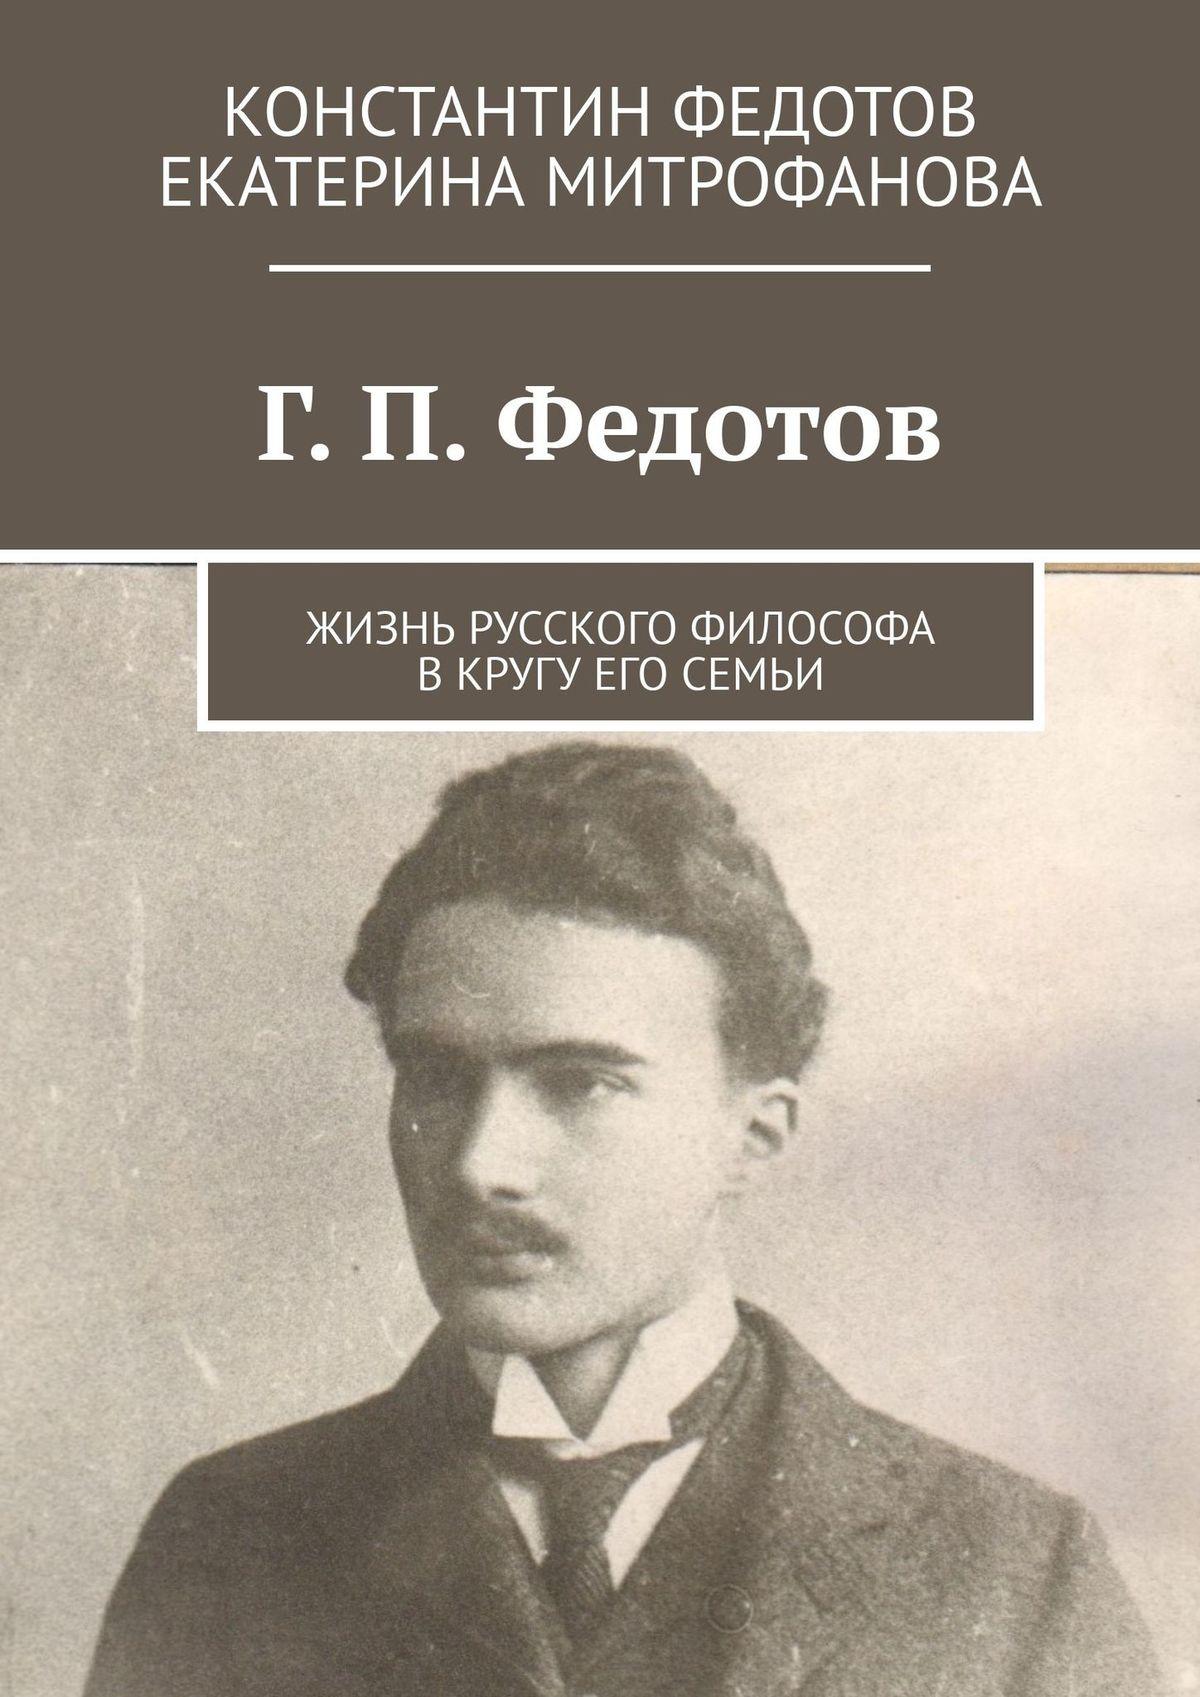 Г.П.Федотов. Жизнь русского философа вкругу его семьи